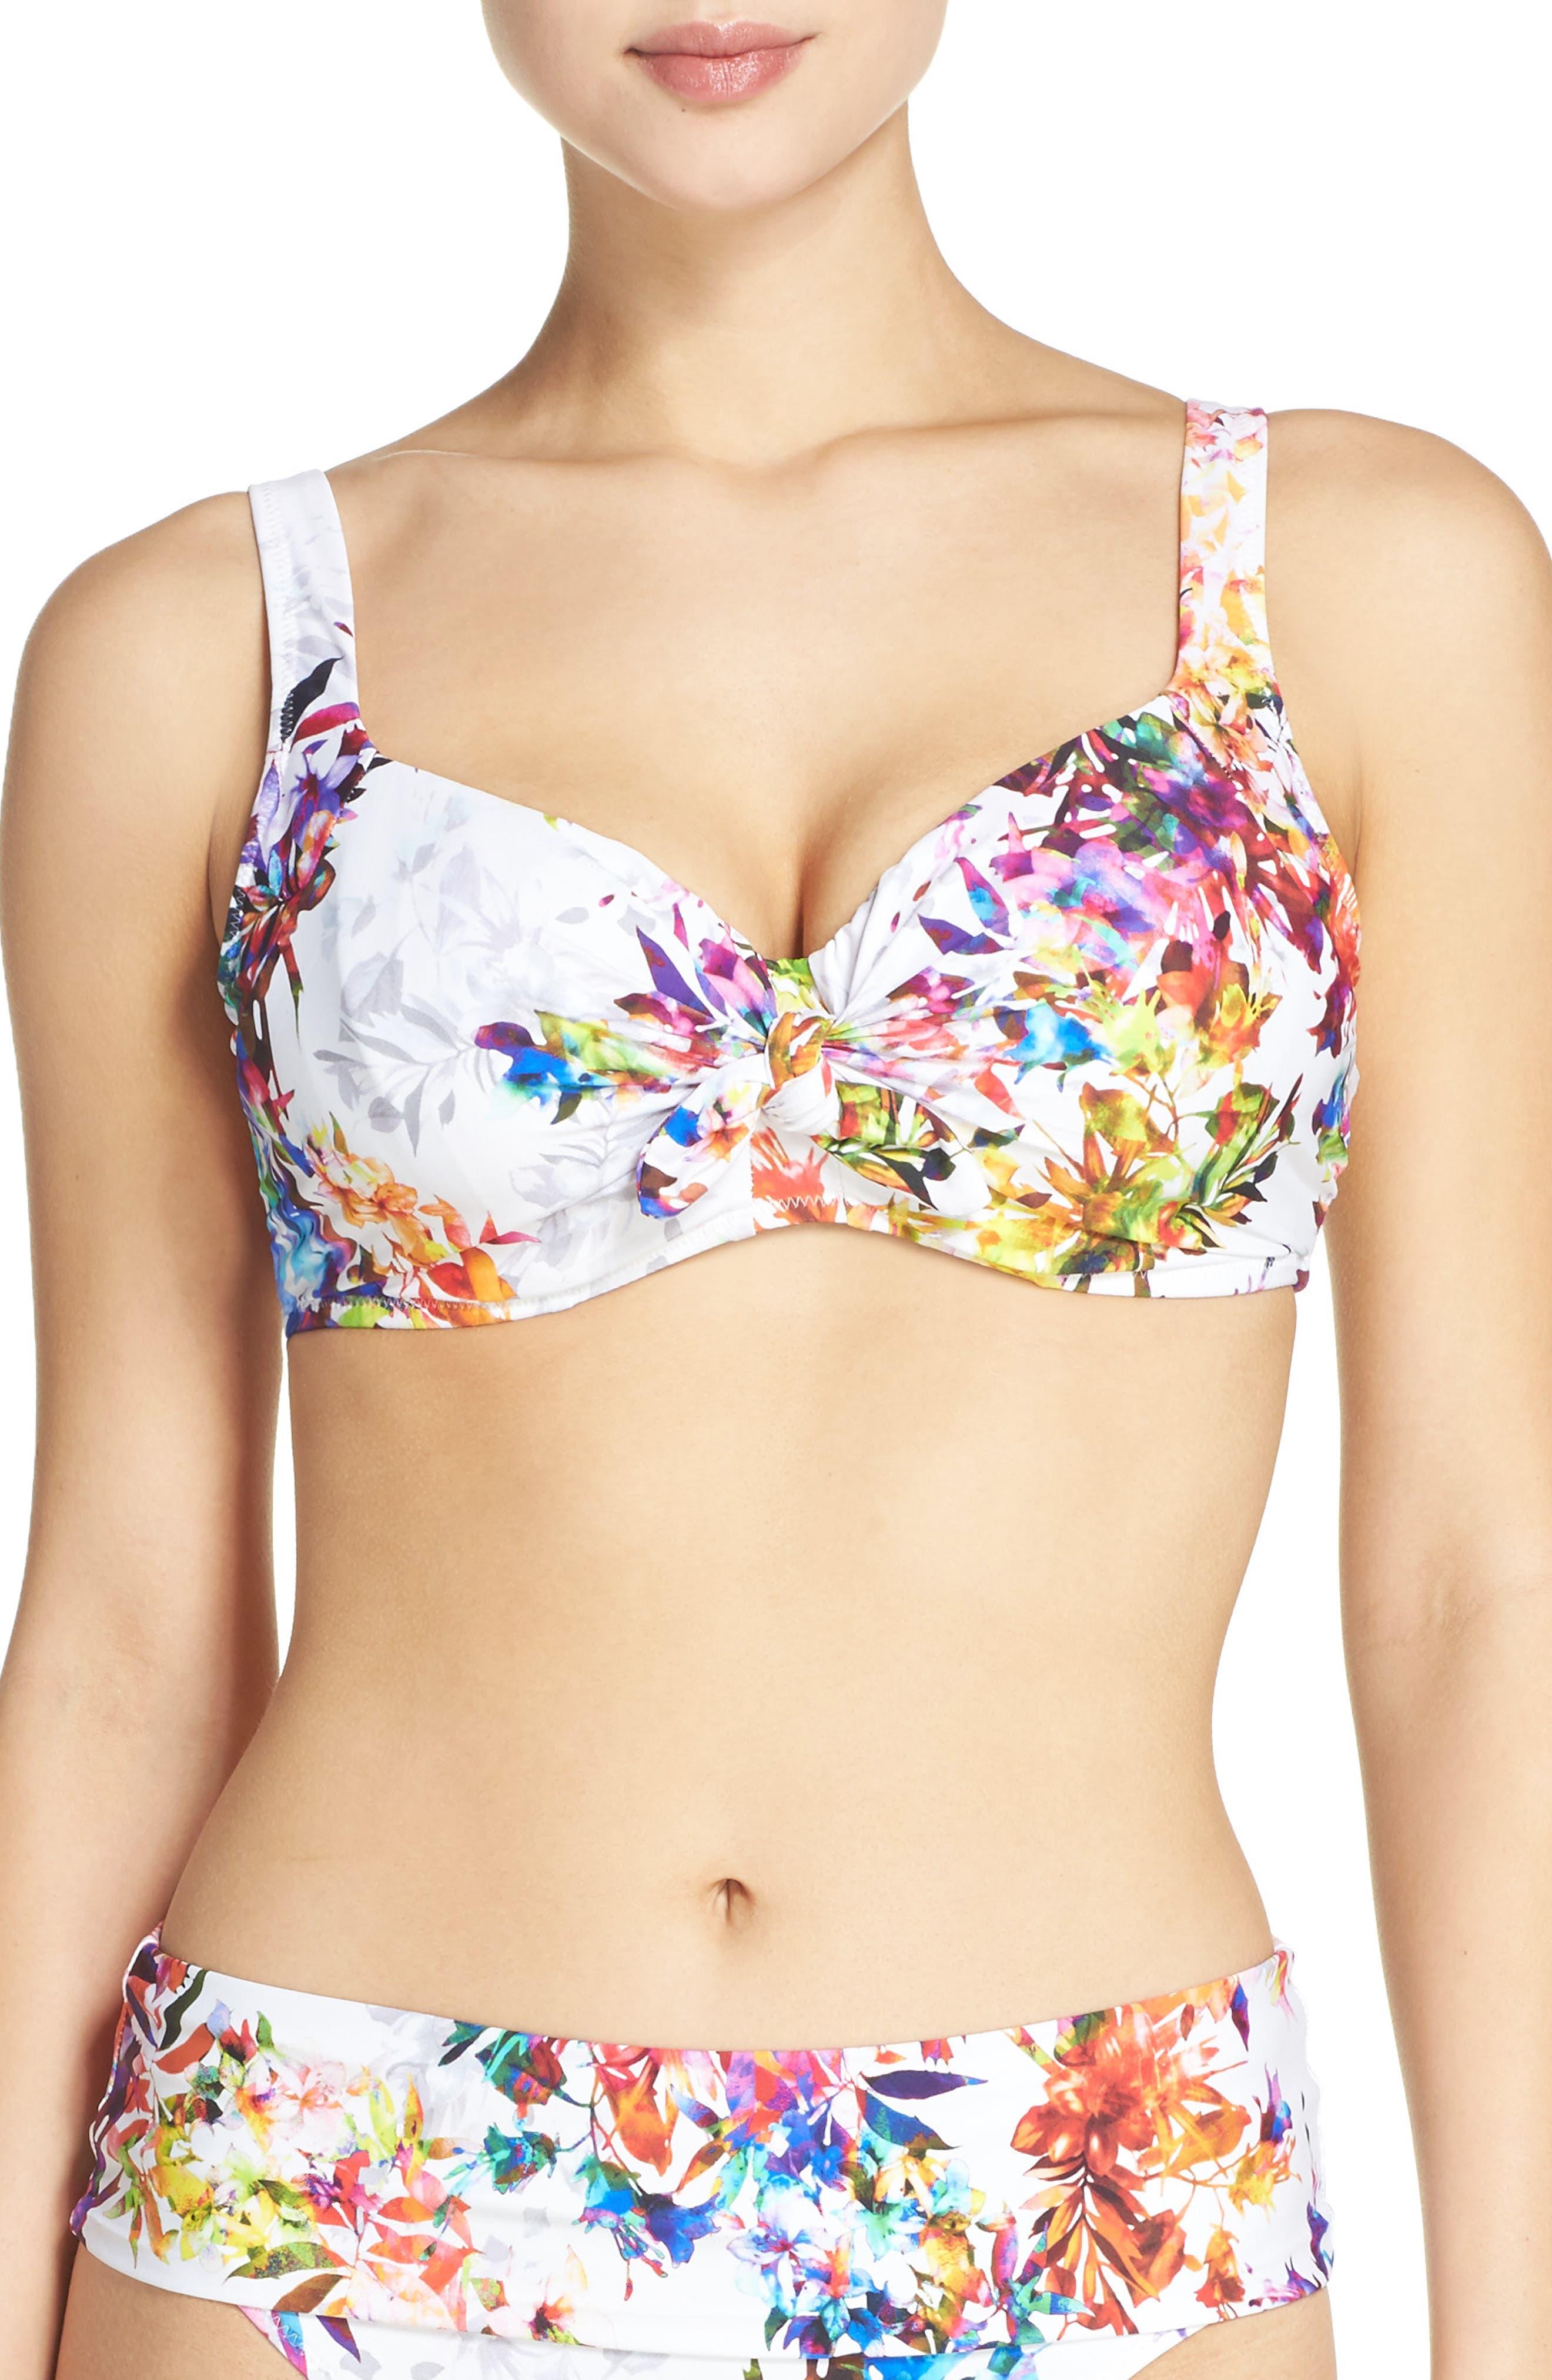 Agra Underwire Bikini Top,                         Main,                         color, White Multi